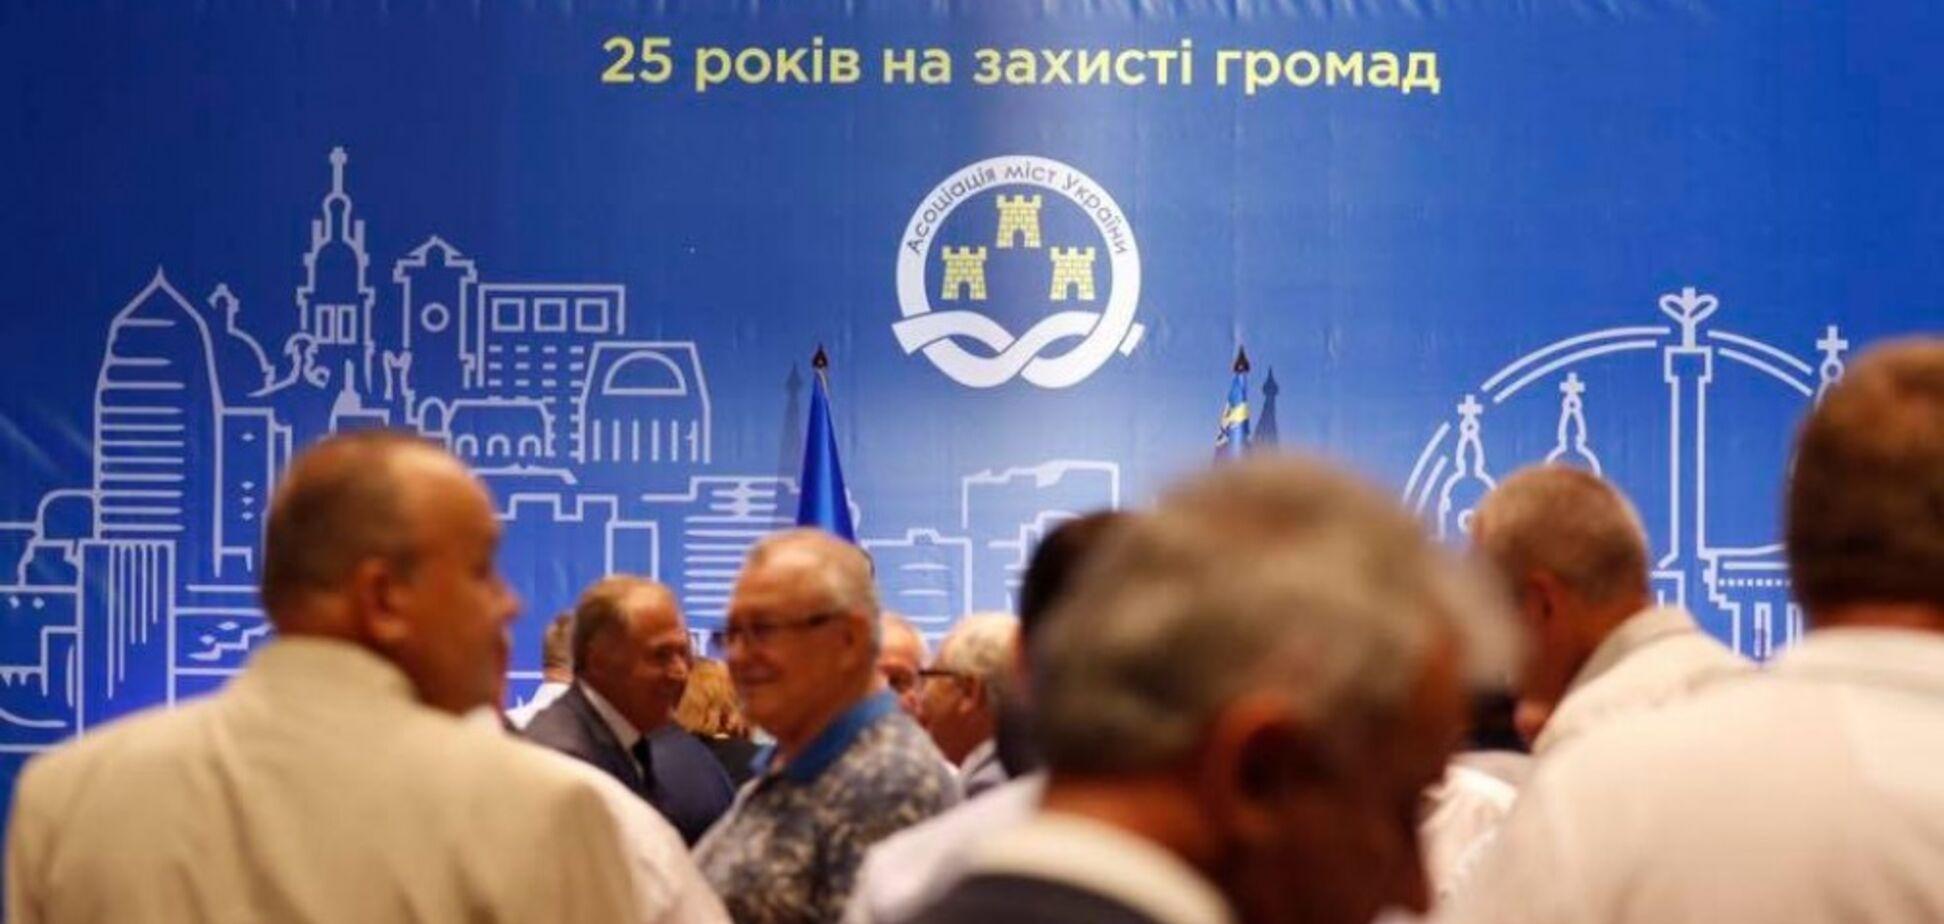 'Будут игнорировать нарушения': в АГУ указали на угрозы законопроекта №6489